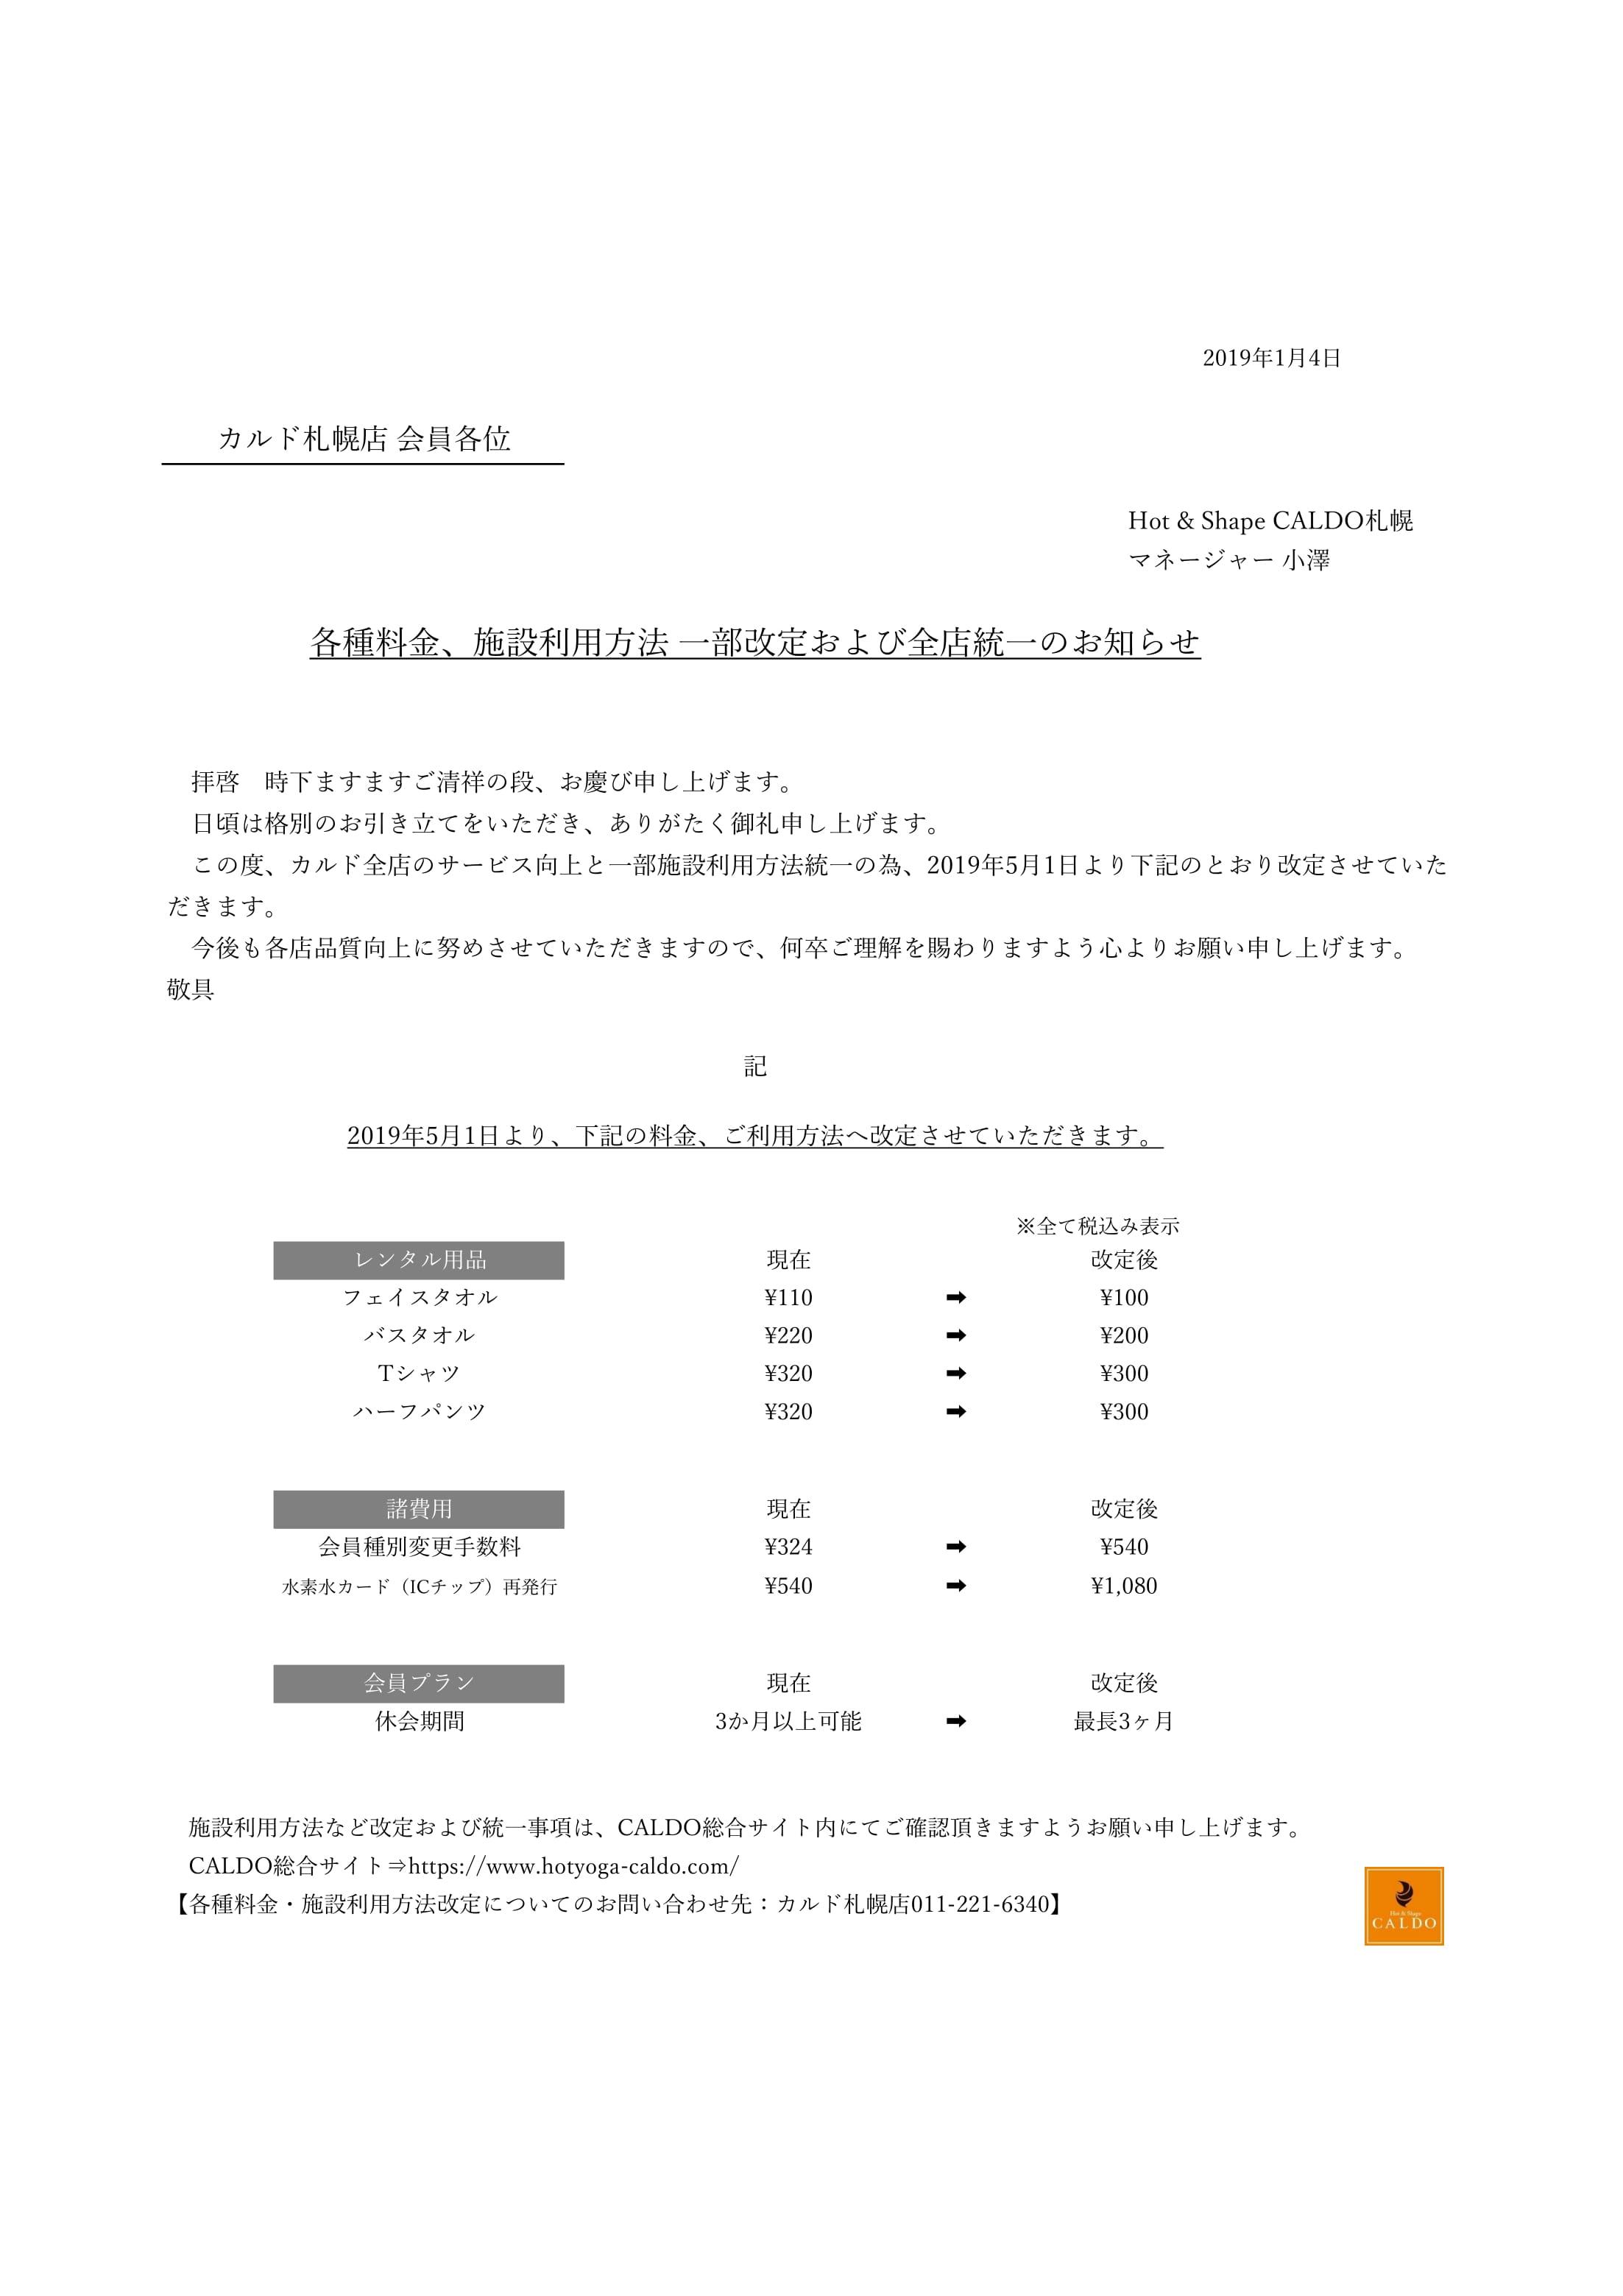 【札幌店】5月~各種料金の改定案内データ-1